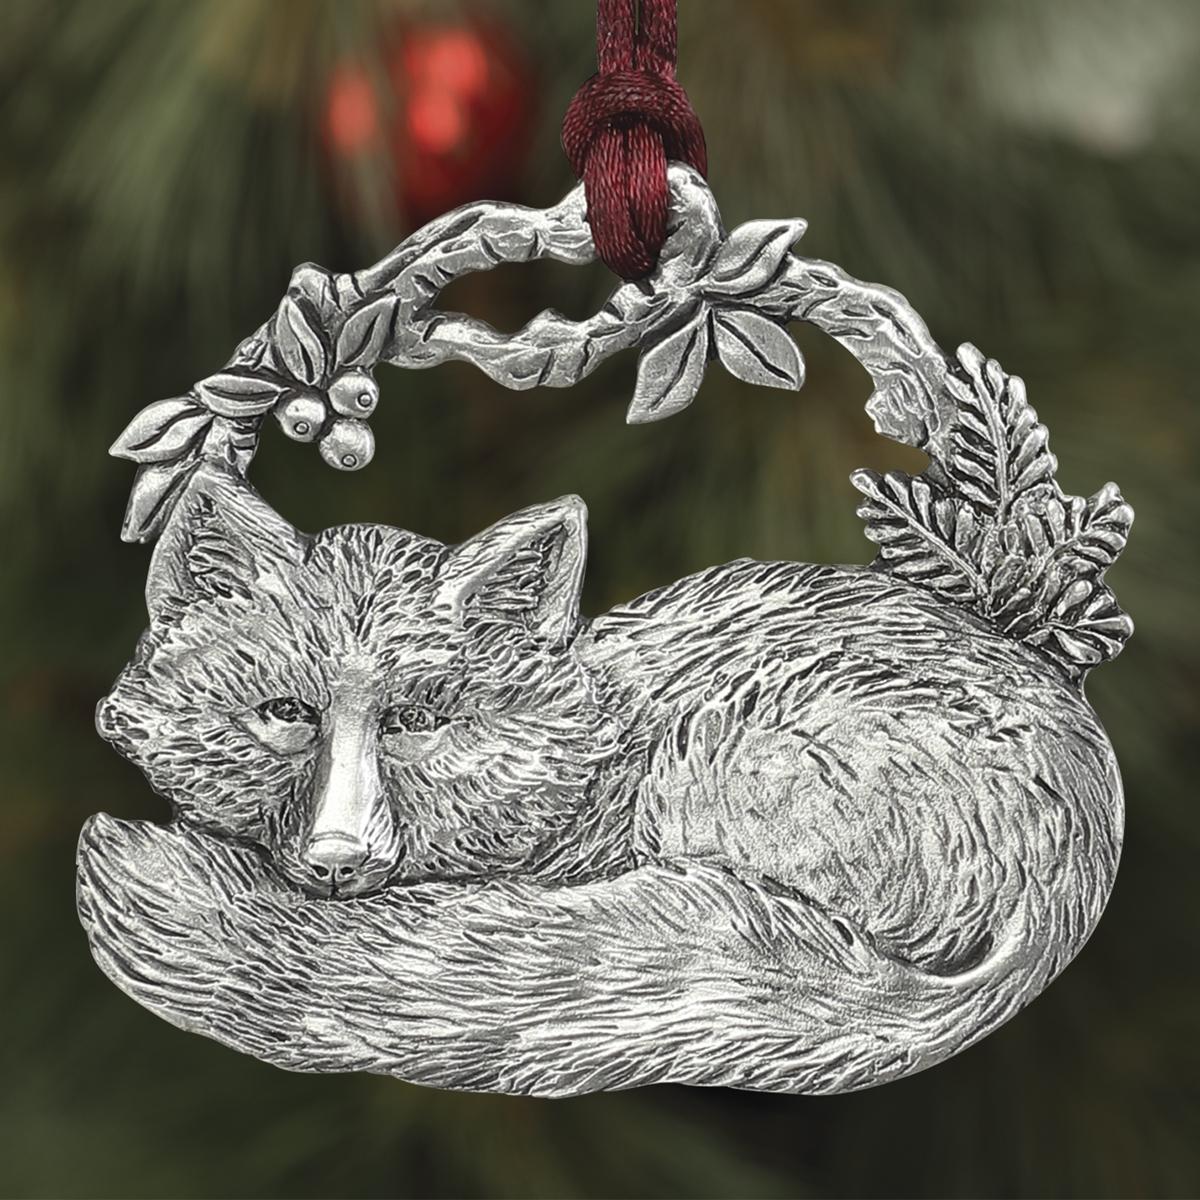 Sleeping Fox Plant a Tree Ornament